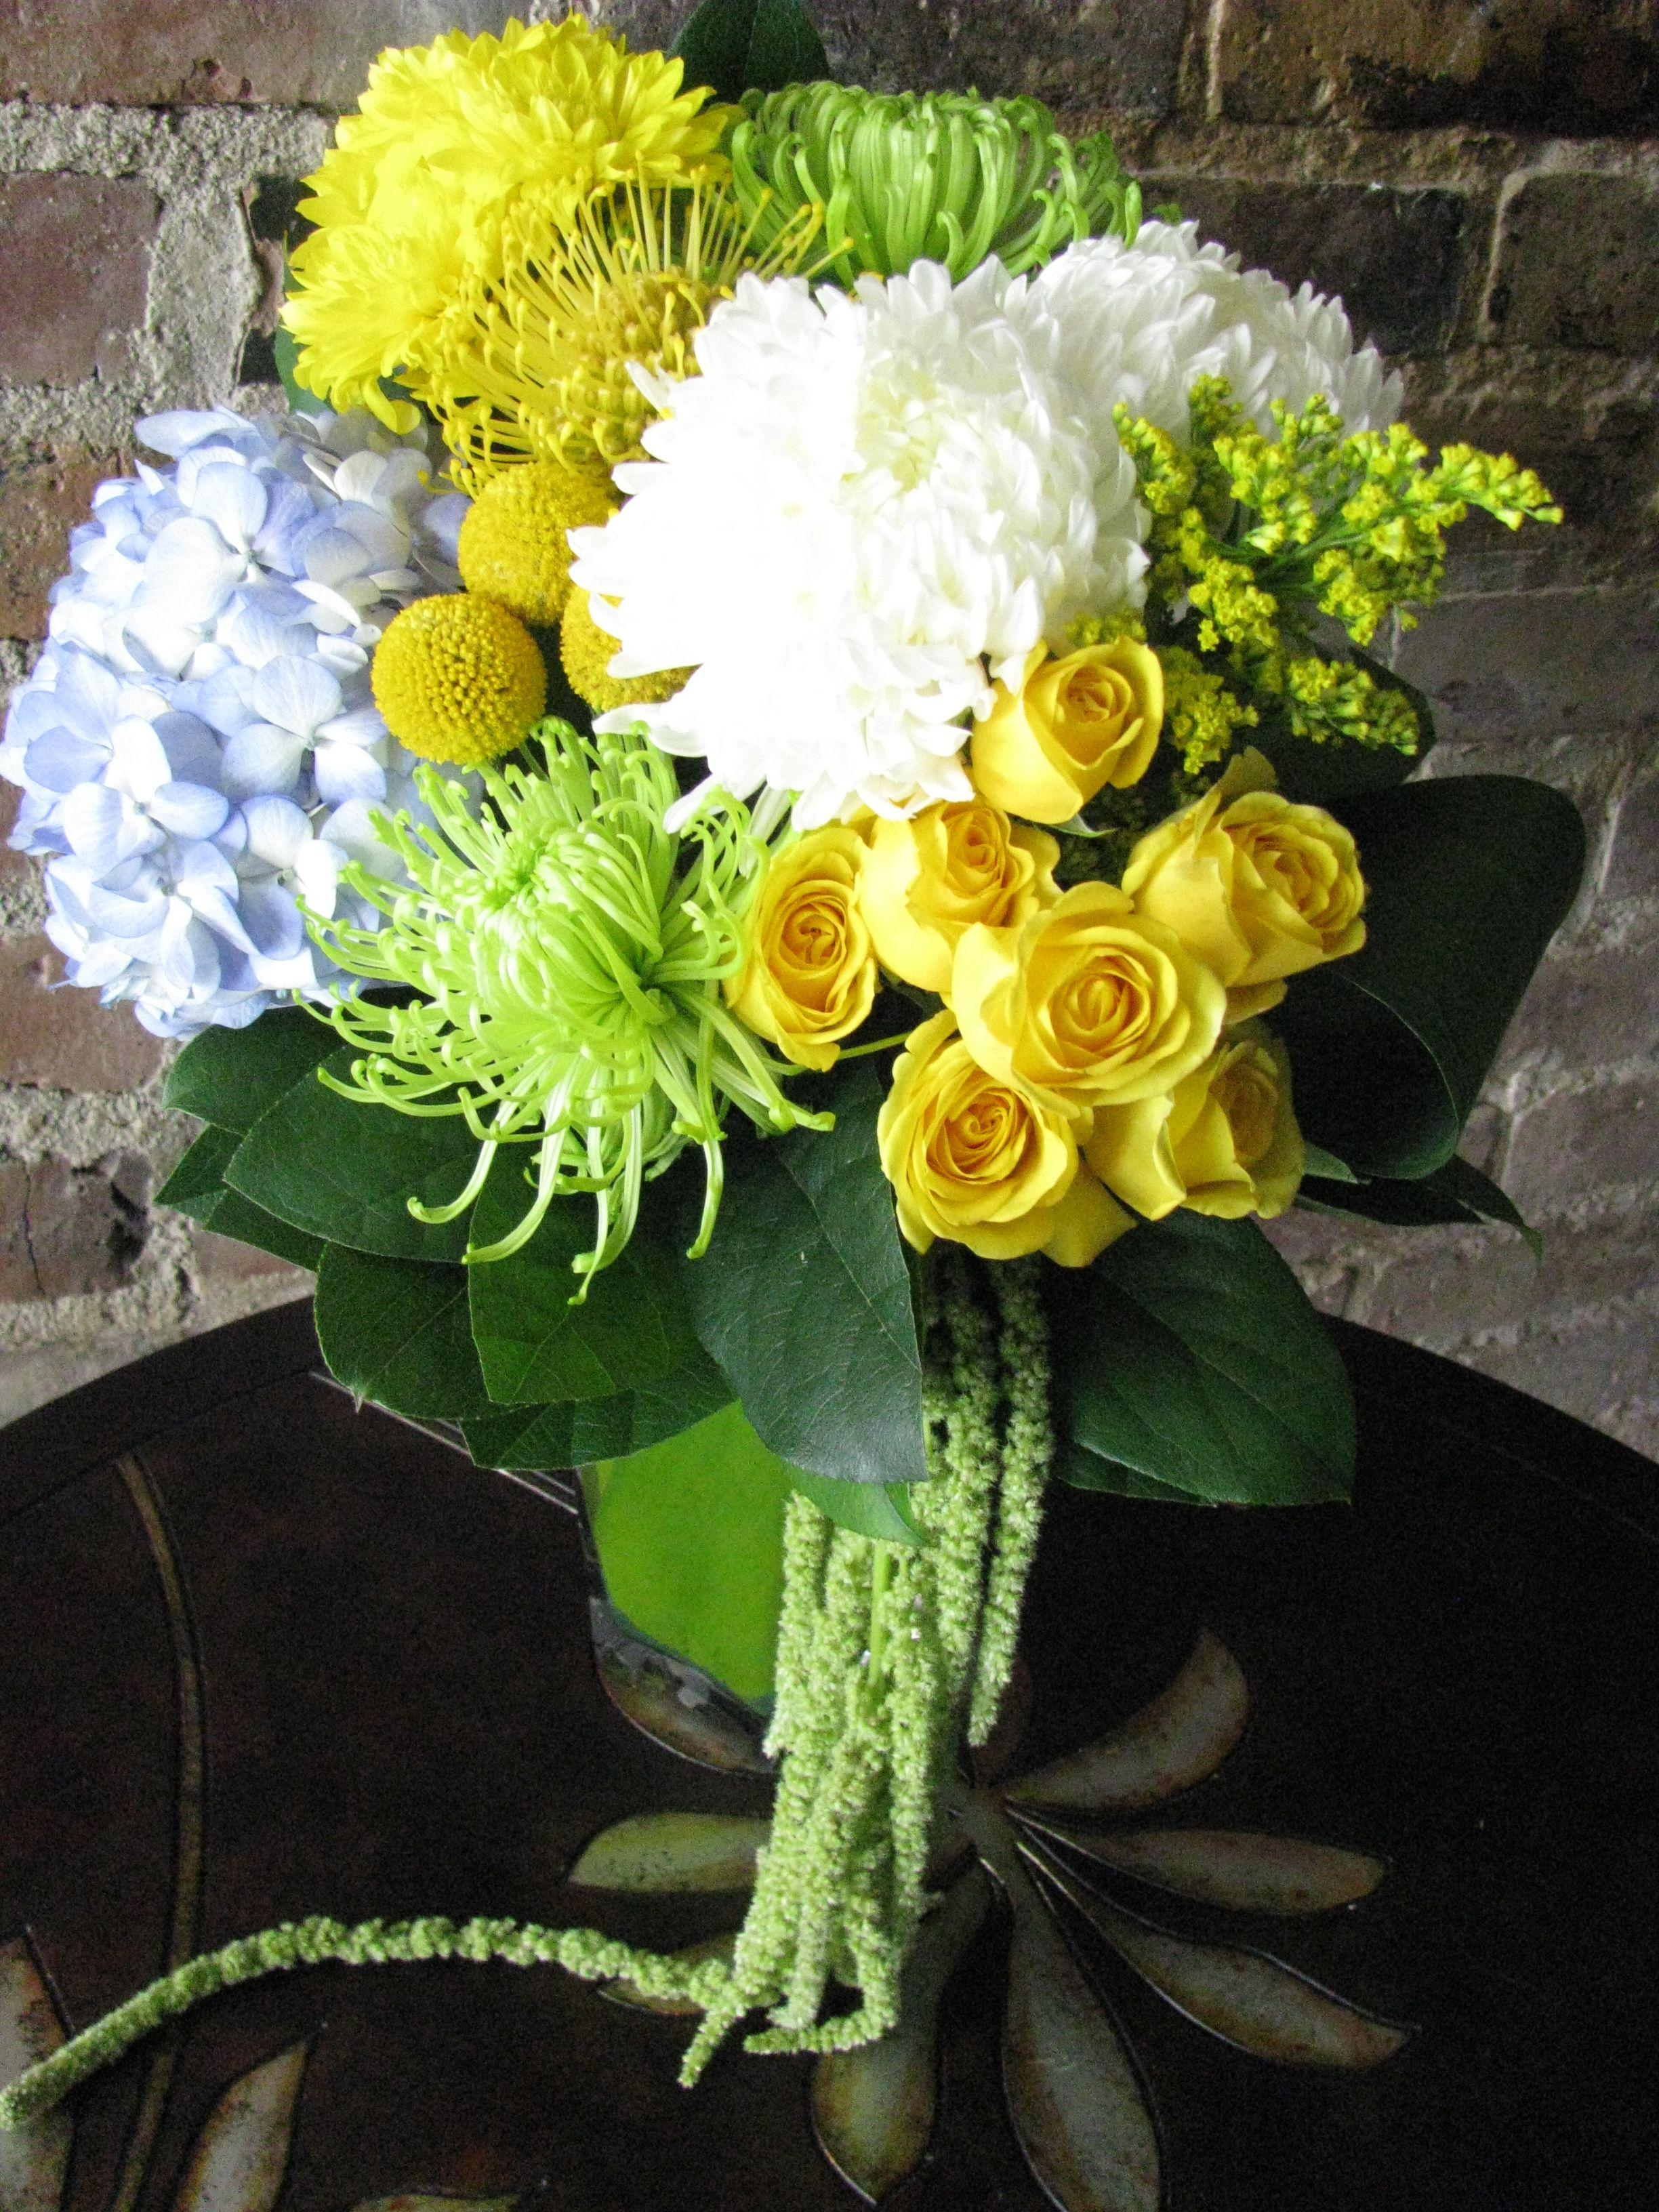 Yellow Spray Roses Football Mum And Craspedia Green Spider Mum And